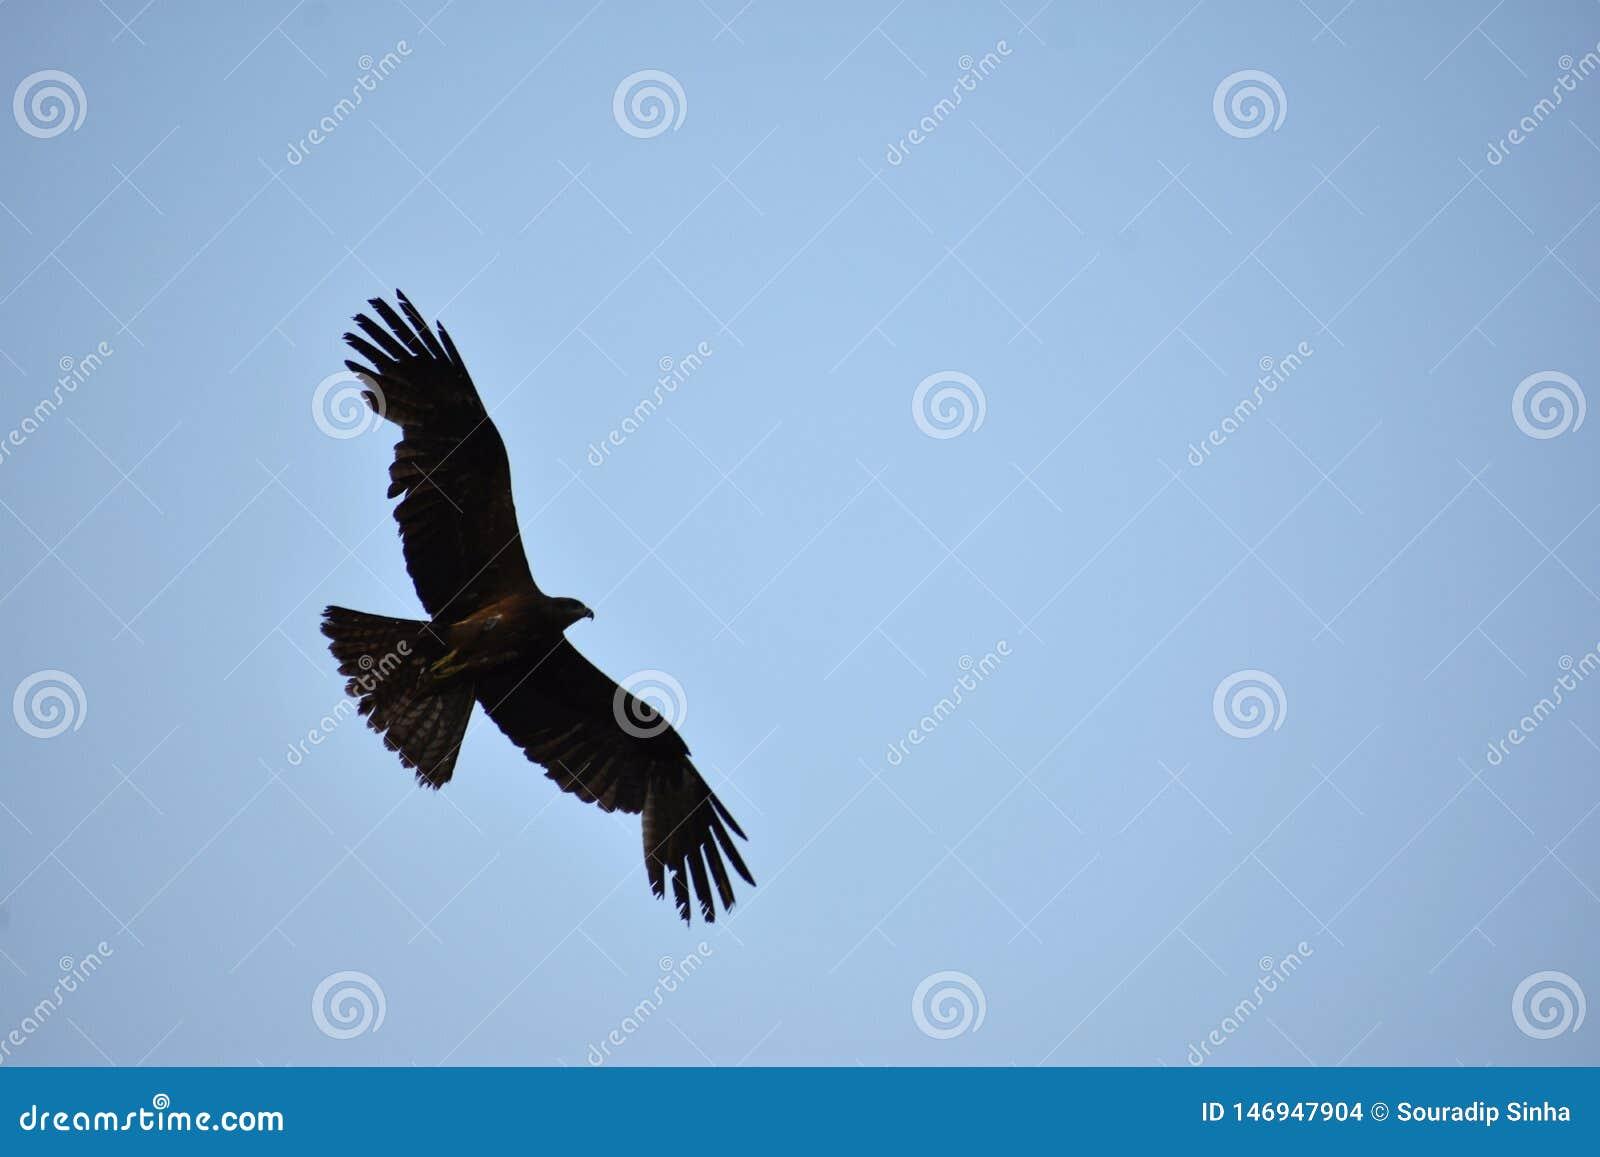 Zwarte Indische Vlieger - Vrije vogel in hemel mooie vleugels